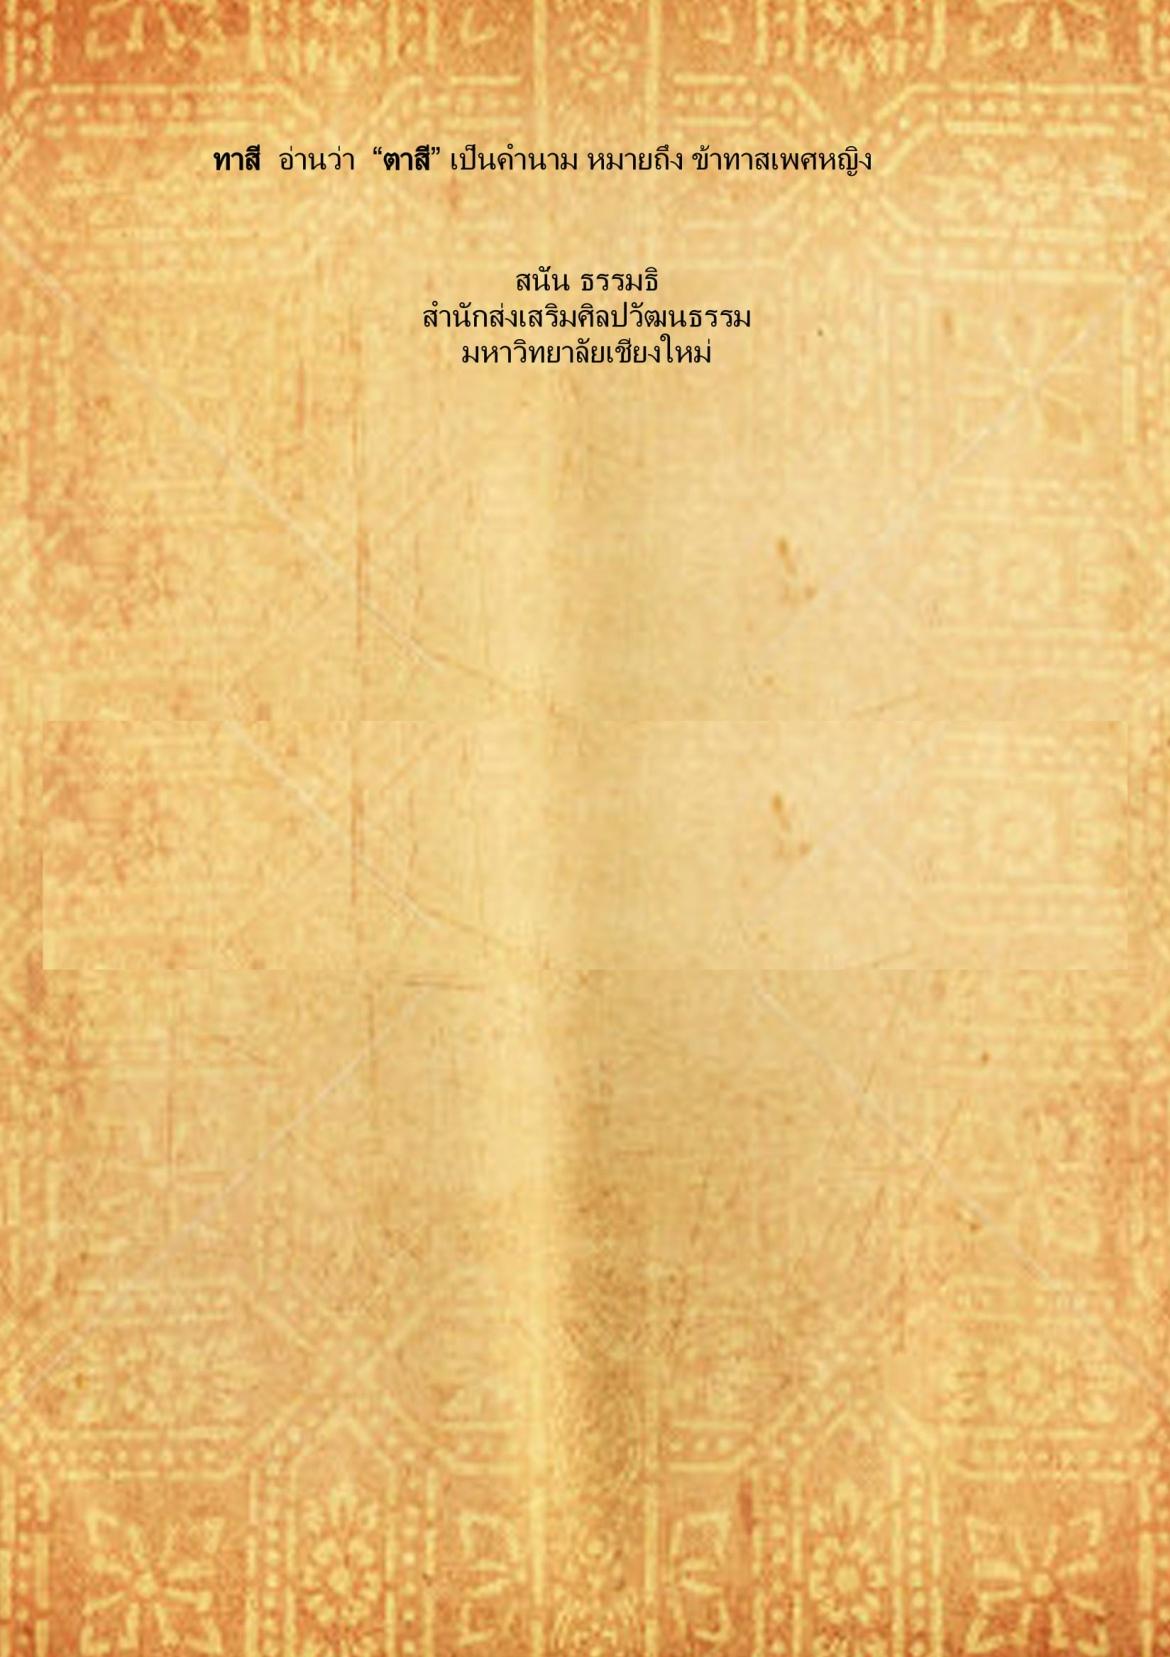 ท้ายเหิน ทาสี - 8 มีนาคม 2559